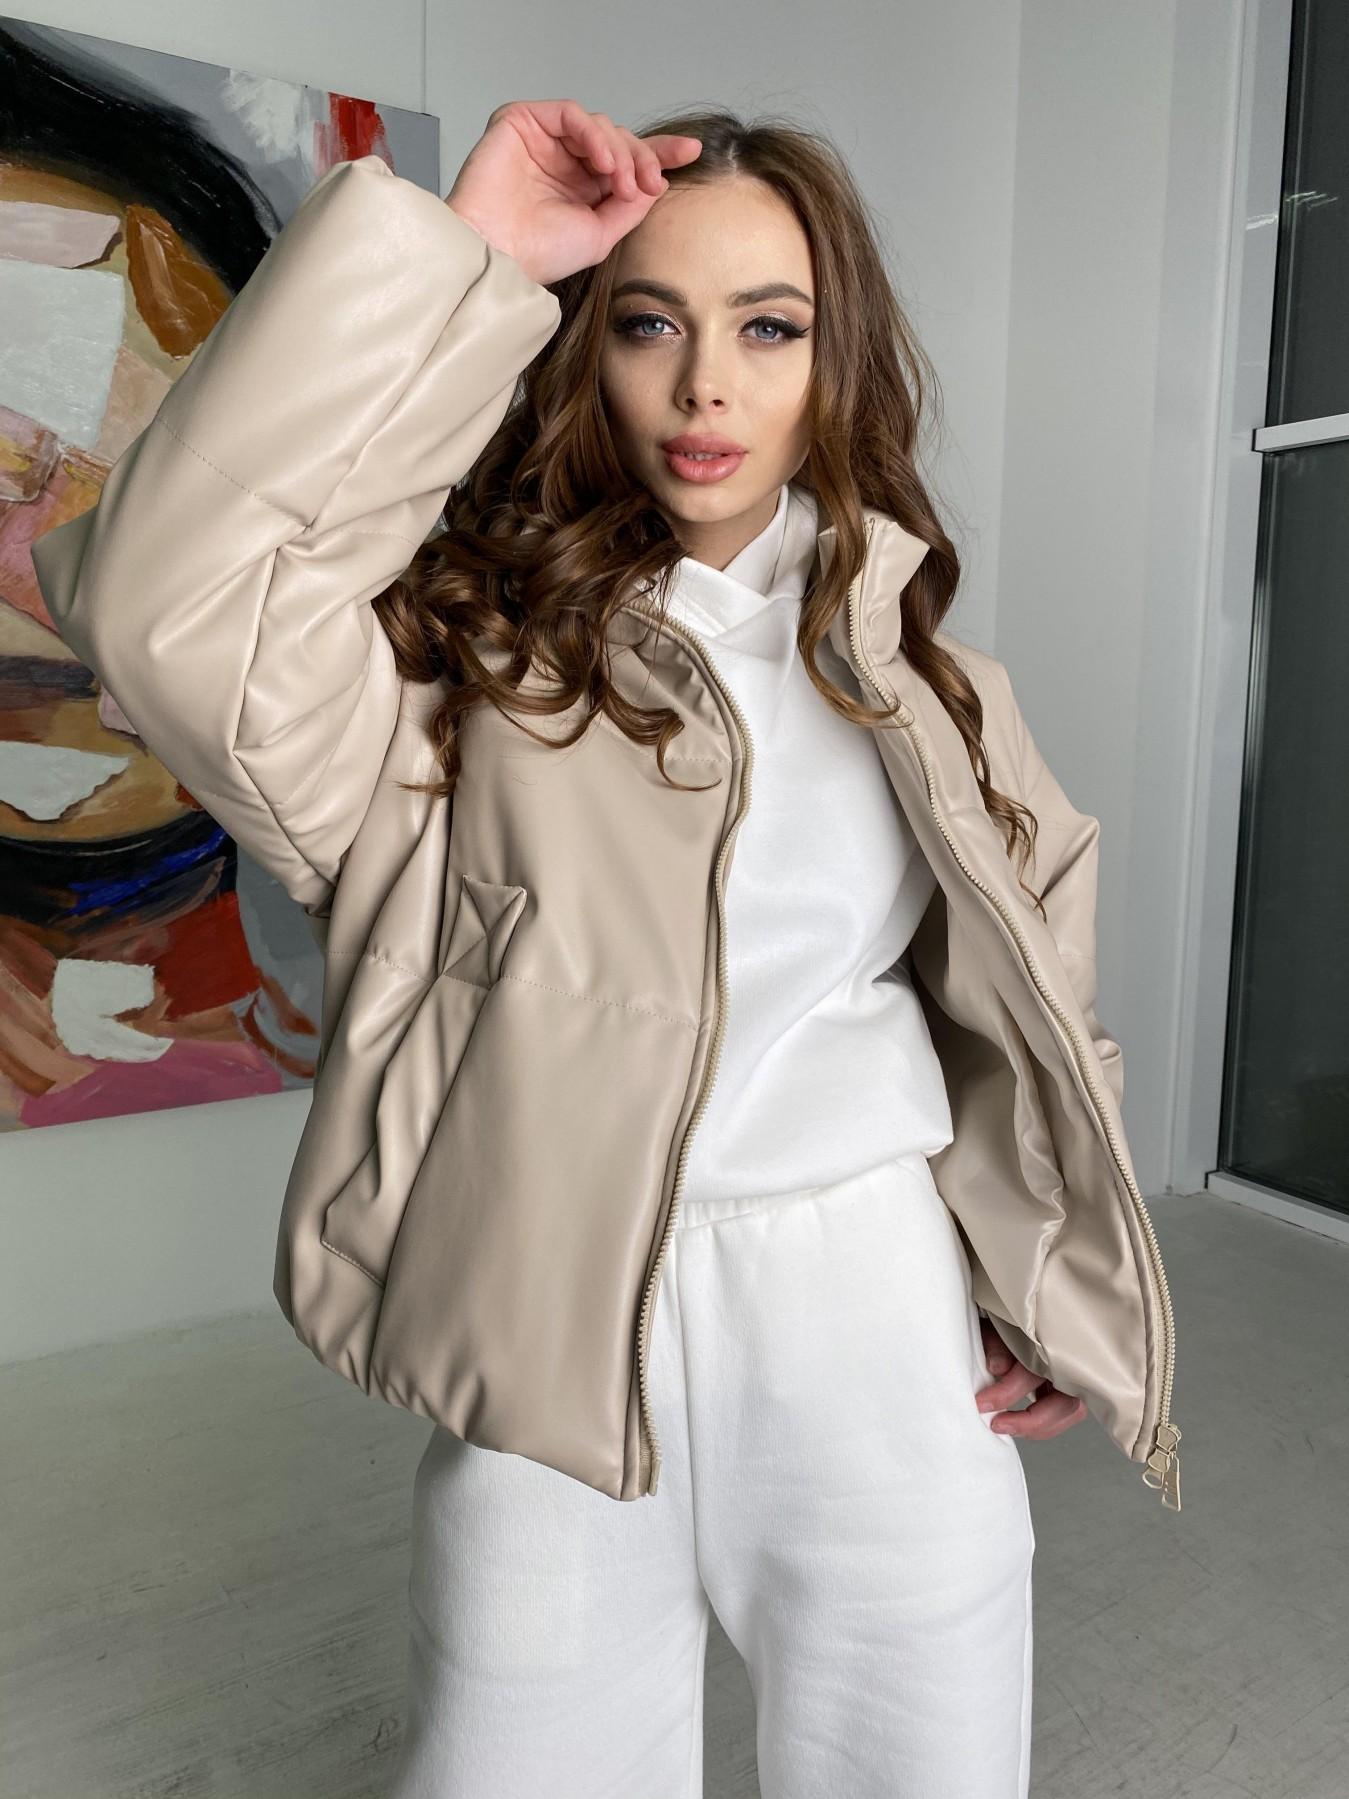 Драйв куртка из  экокожи  10499 АРТ. 46844 Цвет: Бежевый 2 - фото 3, интернет магазин tm-modus.ru